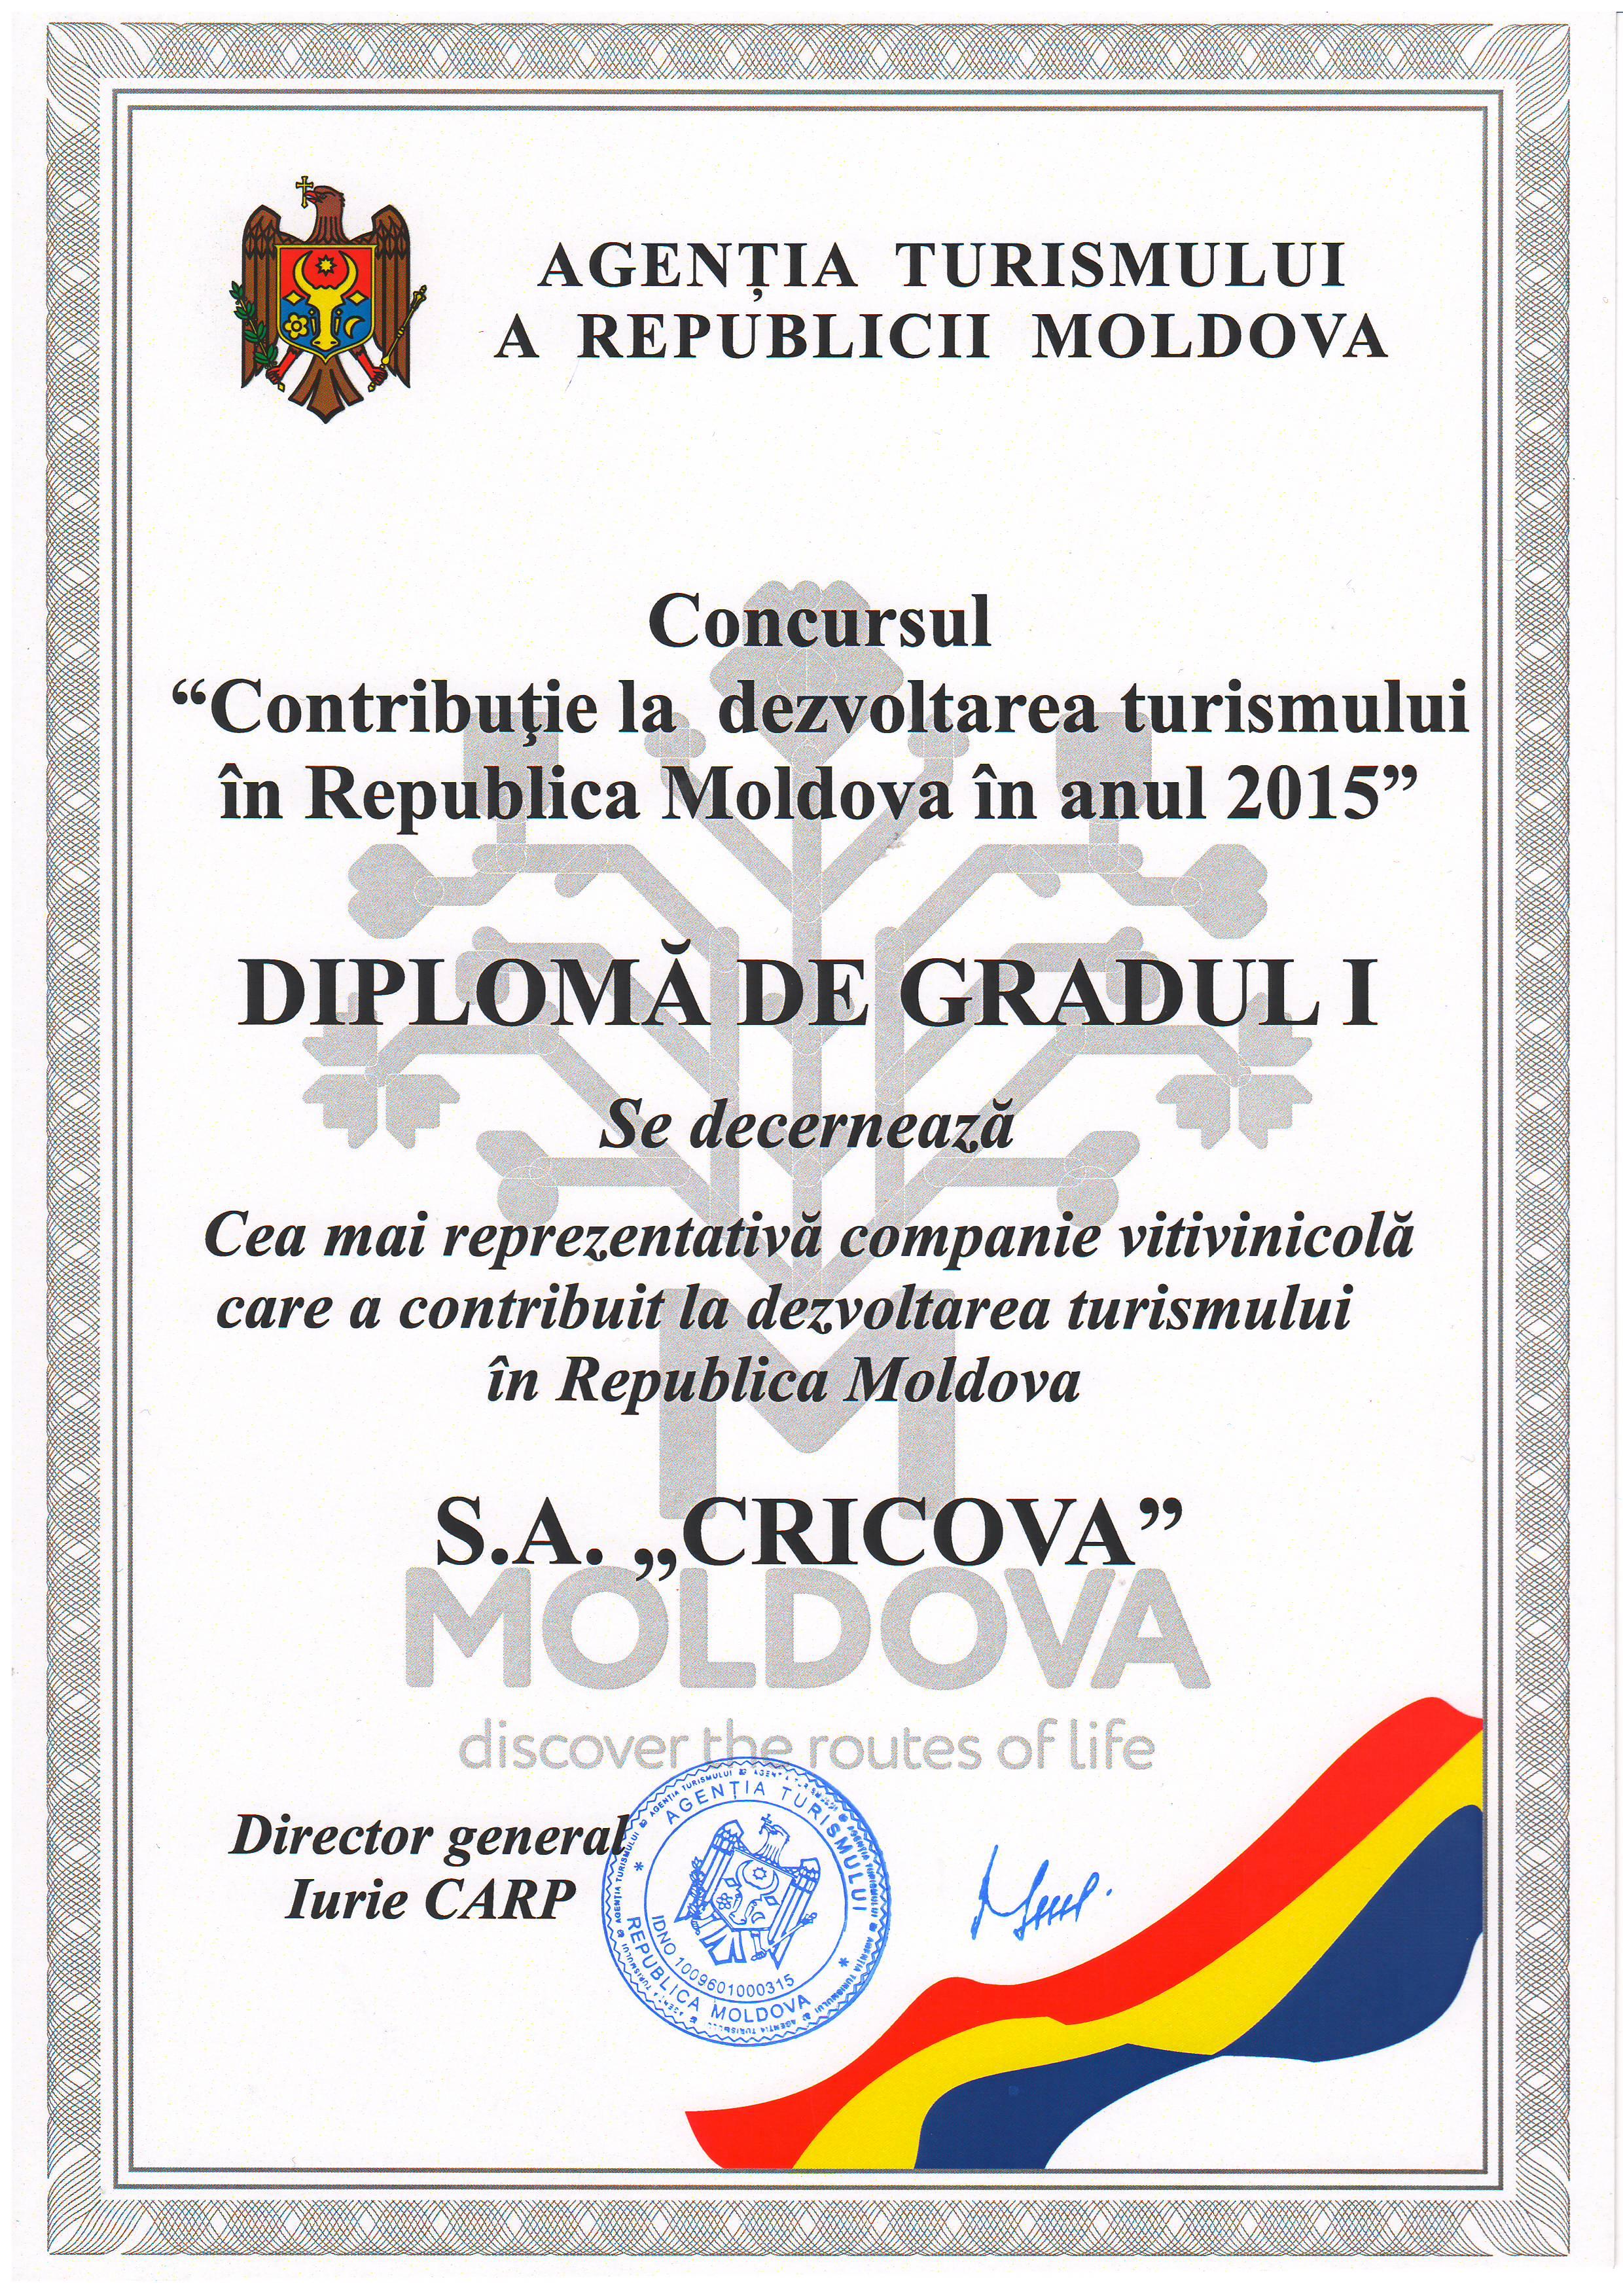 Ещё один диплом для Центра Бизнеса и Туризма КРИКОВА ВИН А О  diplom